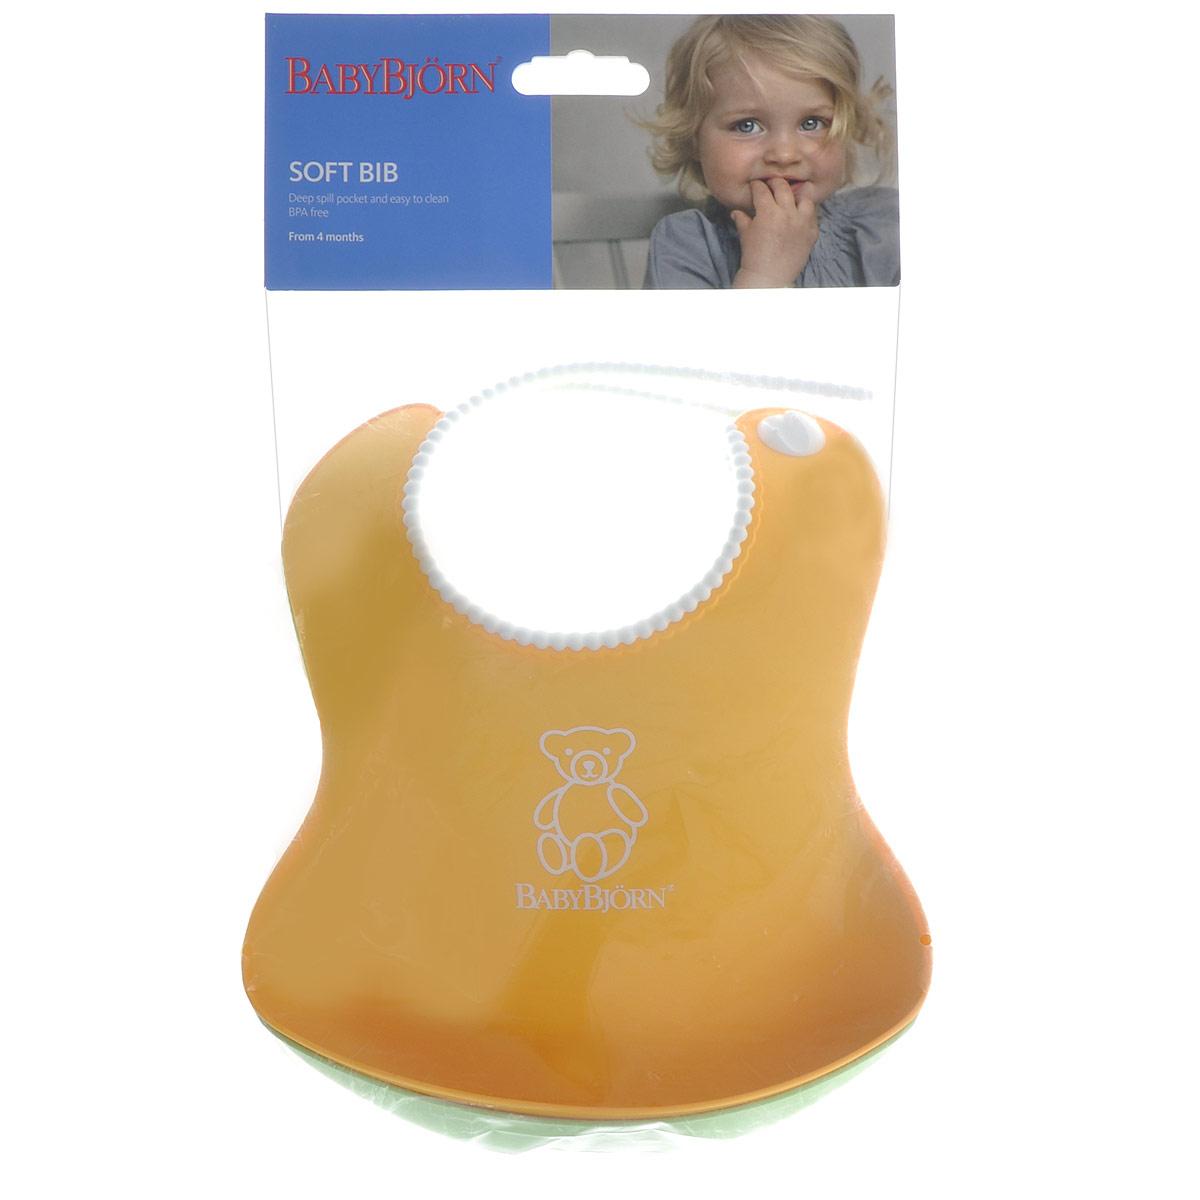 Комплект нагрудников BabyBjorn, цвет: желтый, зеленый, 2 шт0462.03Комплект нагрудников BabyBjorn обязательно пригодится любой мамочке. Оригинальный нагрудник выполнен из мягкого пластика с удобной регулируемой застежкой. Его мягкая горловина не поцарапает шею вашего малыша. Нагрудник оснащен глубоким карманом для улавливания пищи, поэтому, как бы ребенок не крутился, крошки и упавшие кусочки все равно останутся в кармашке. После приема еды нагрудник легко вымыть водой. Комплект включает два нагрудника желтого и зеленого цветов.